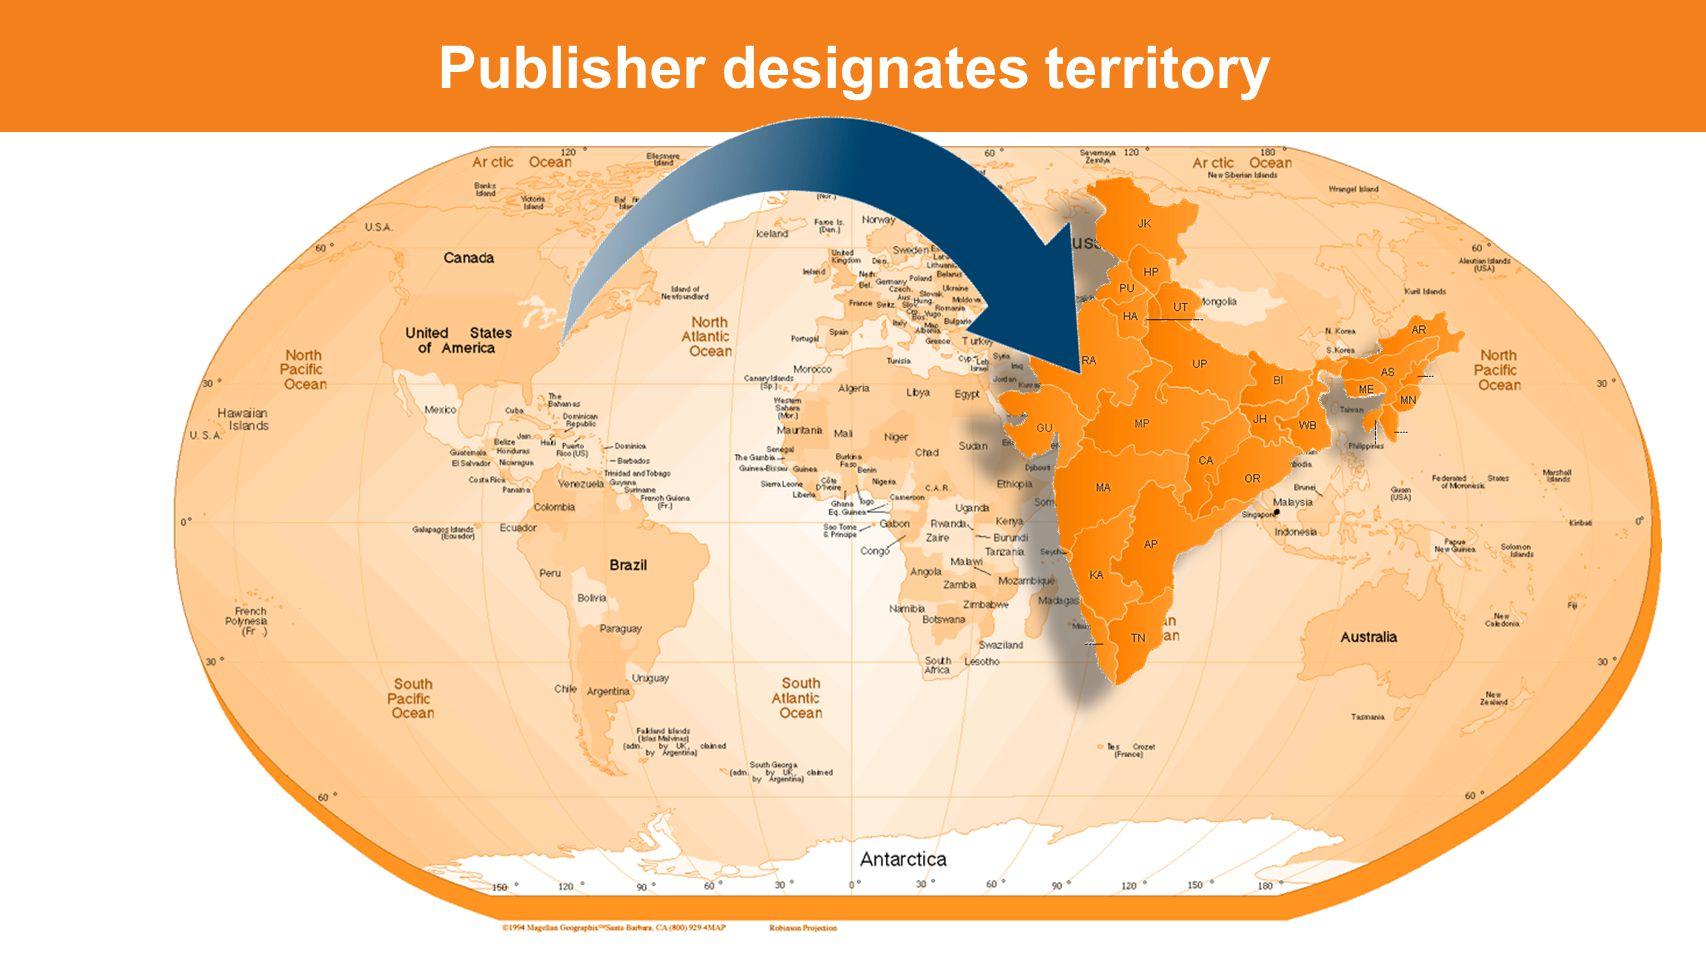 Publisher designates territory